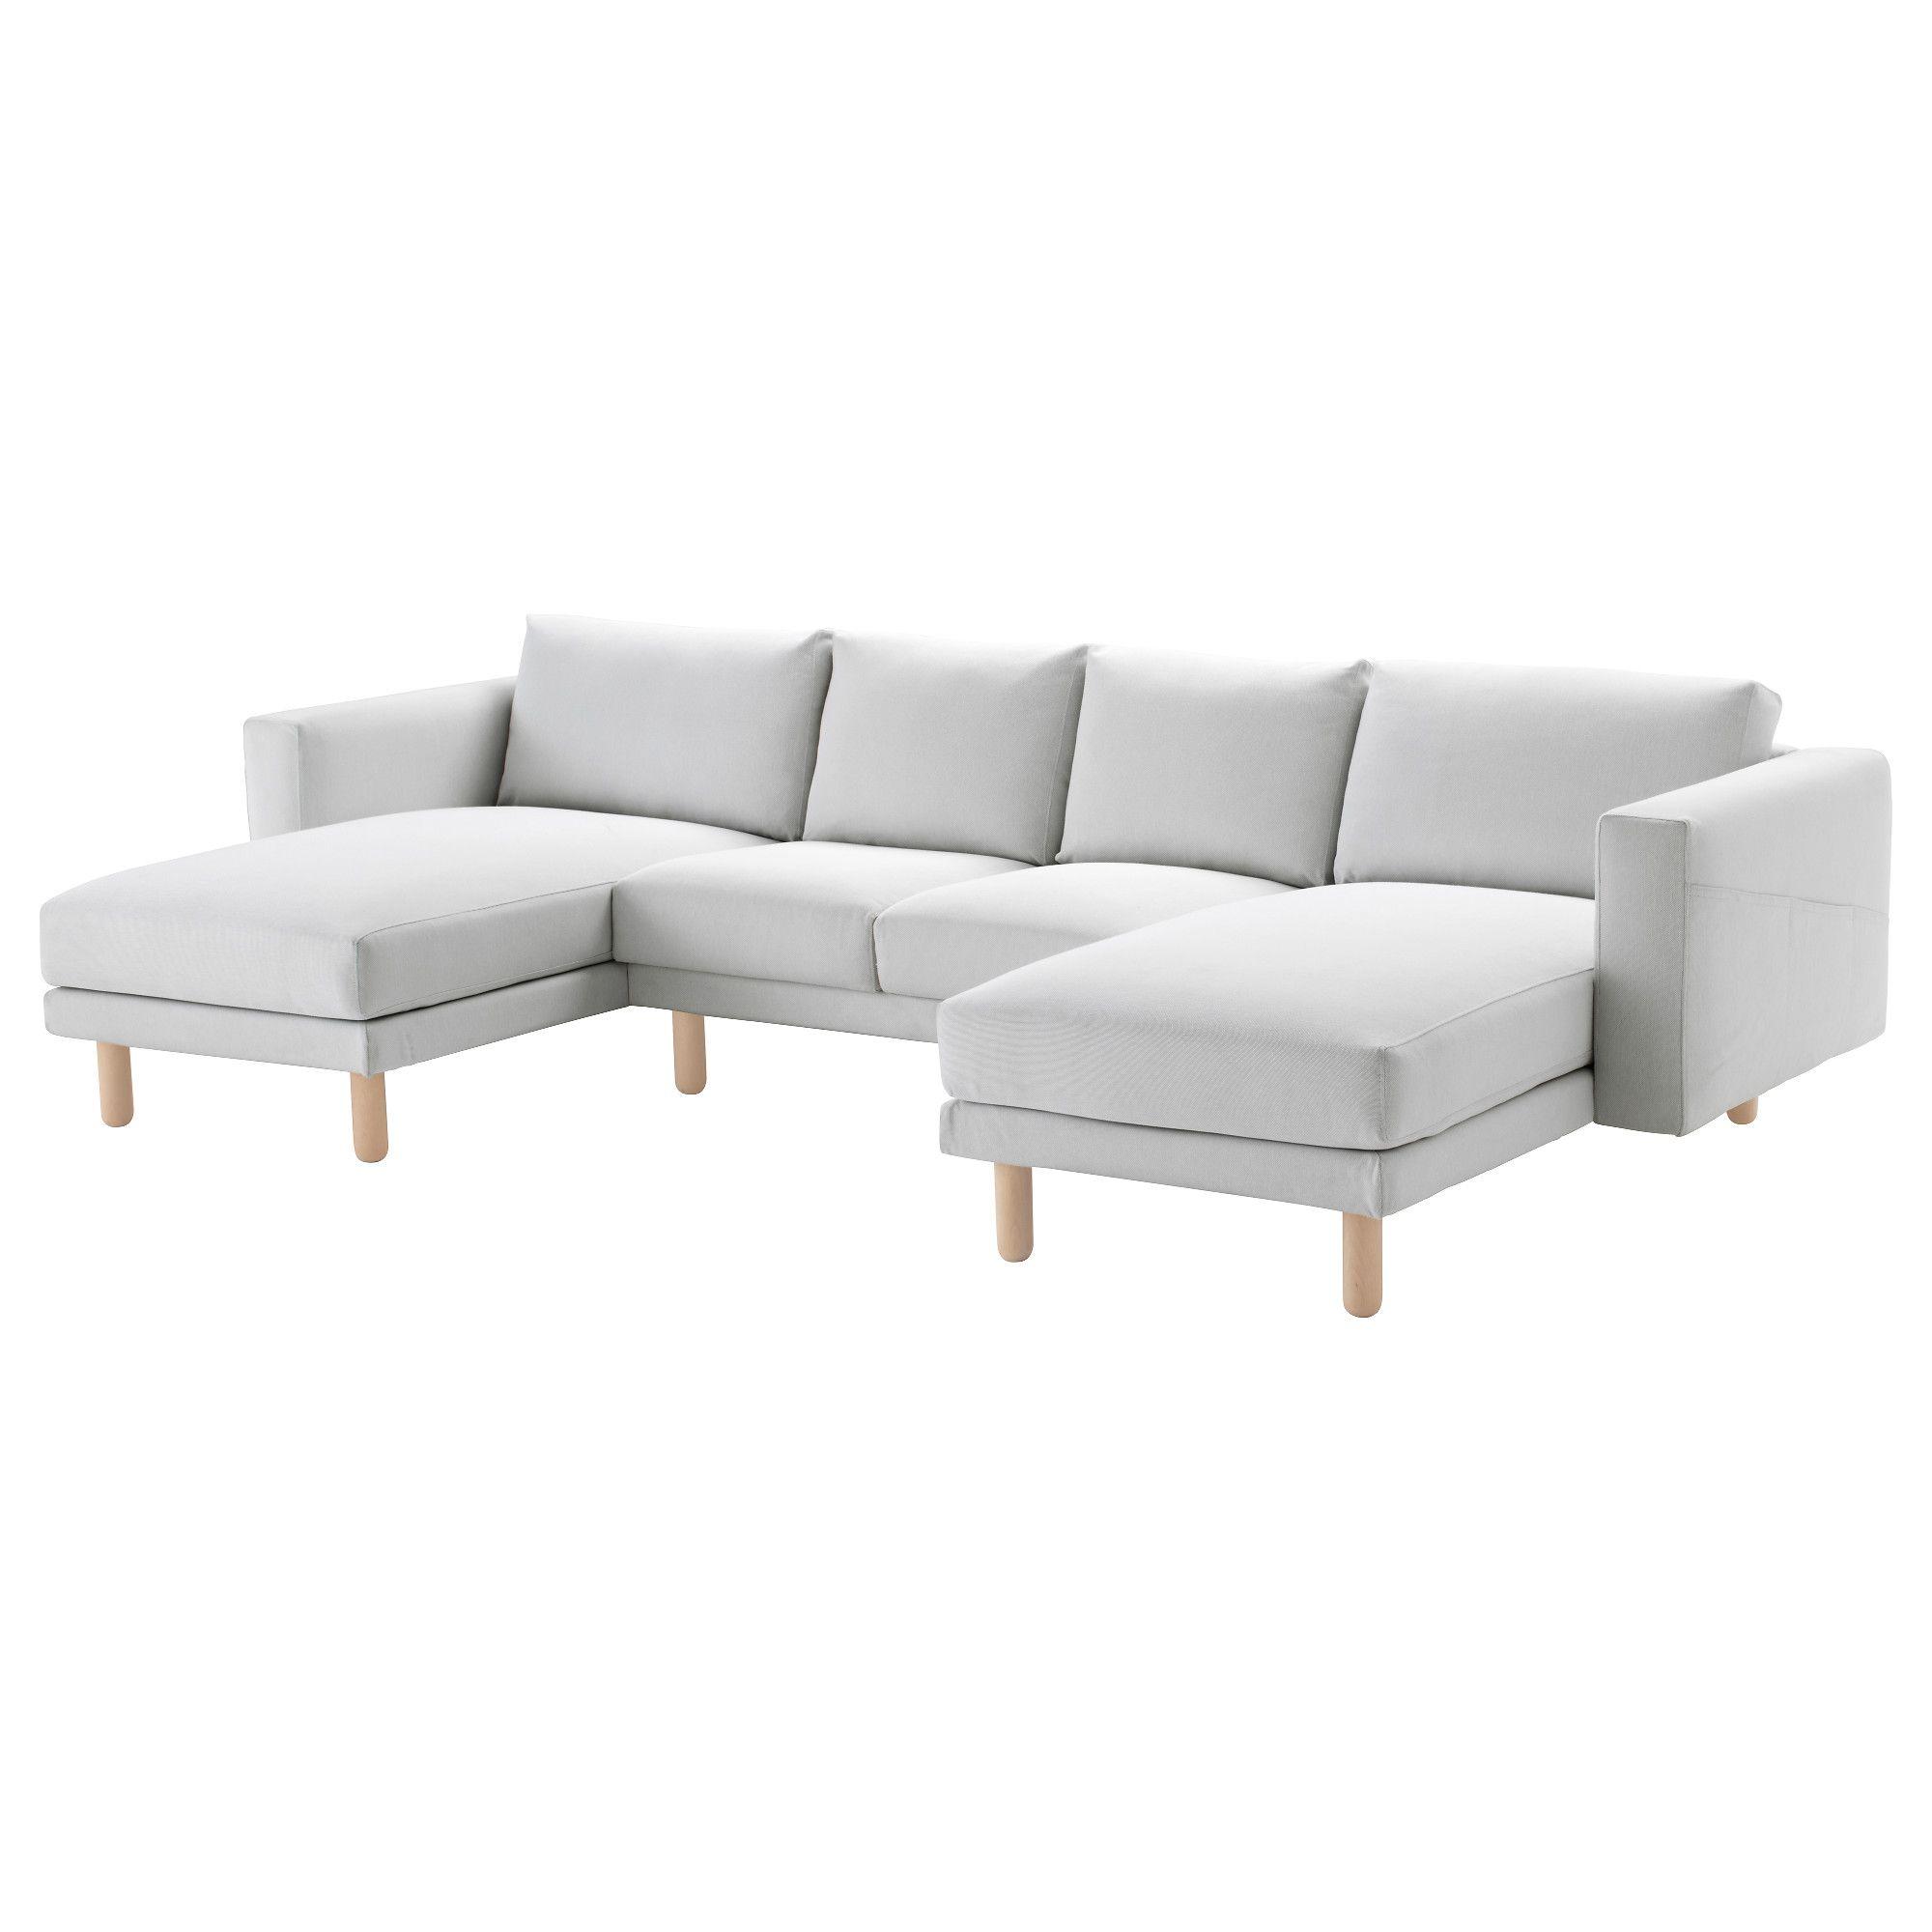 NORSBORG, 2er-Sofa mit 2 Récamieren, Finnsta weiß, weiß Jetzt ...